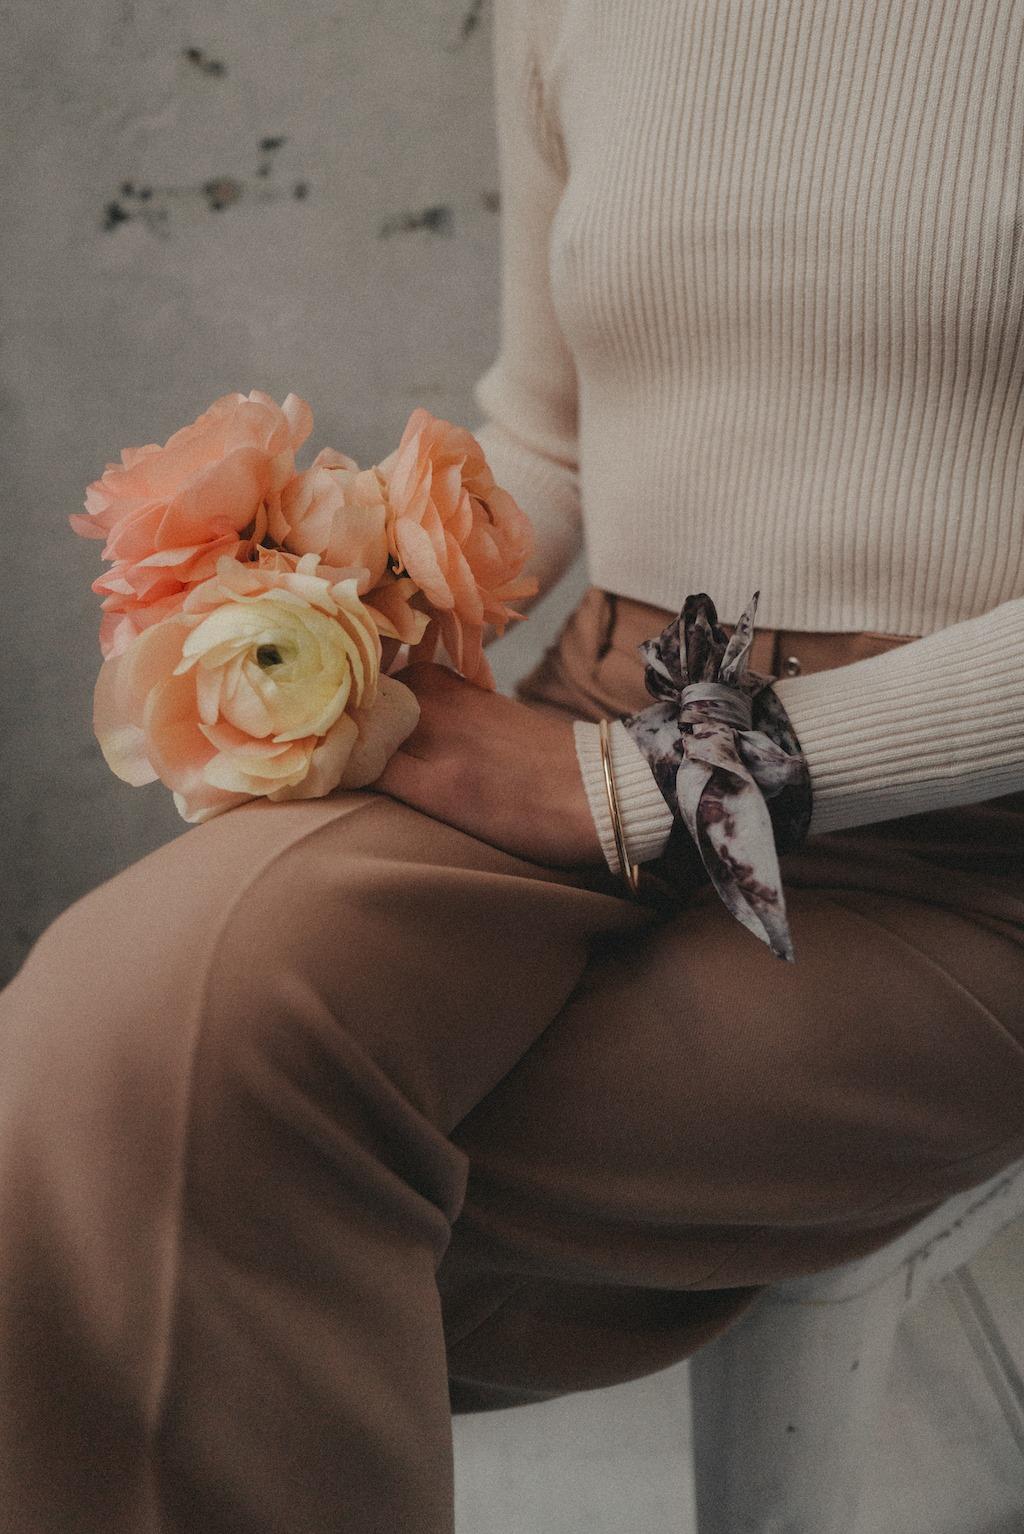 Woola la ! - de l'art à porter pour la femme inspirante, forte et authentique